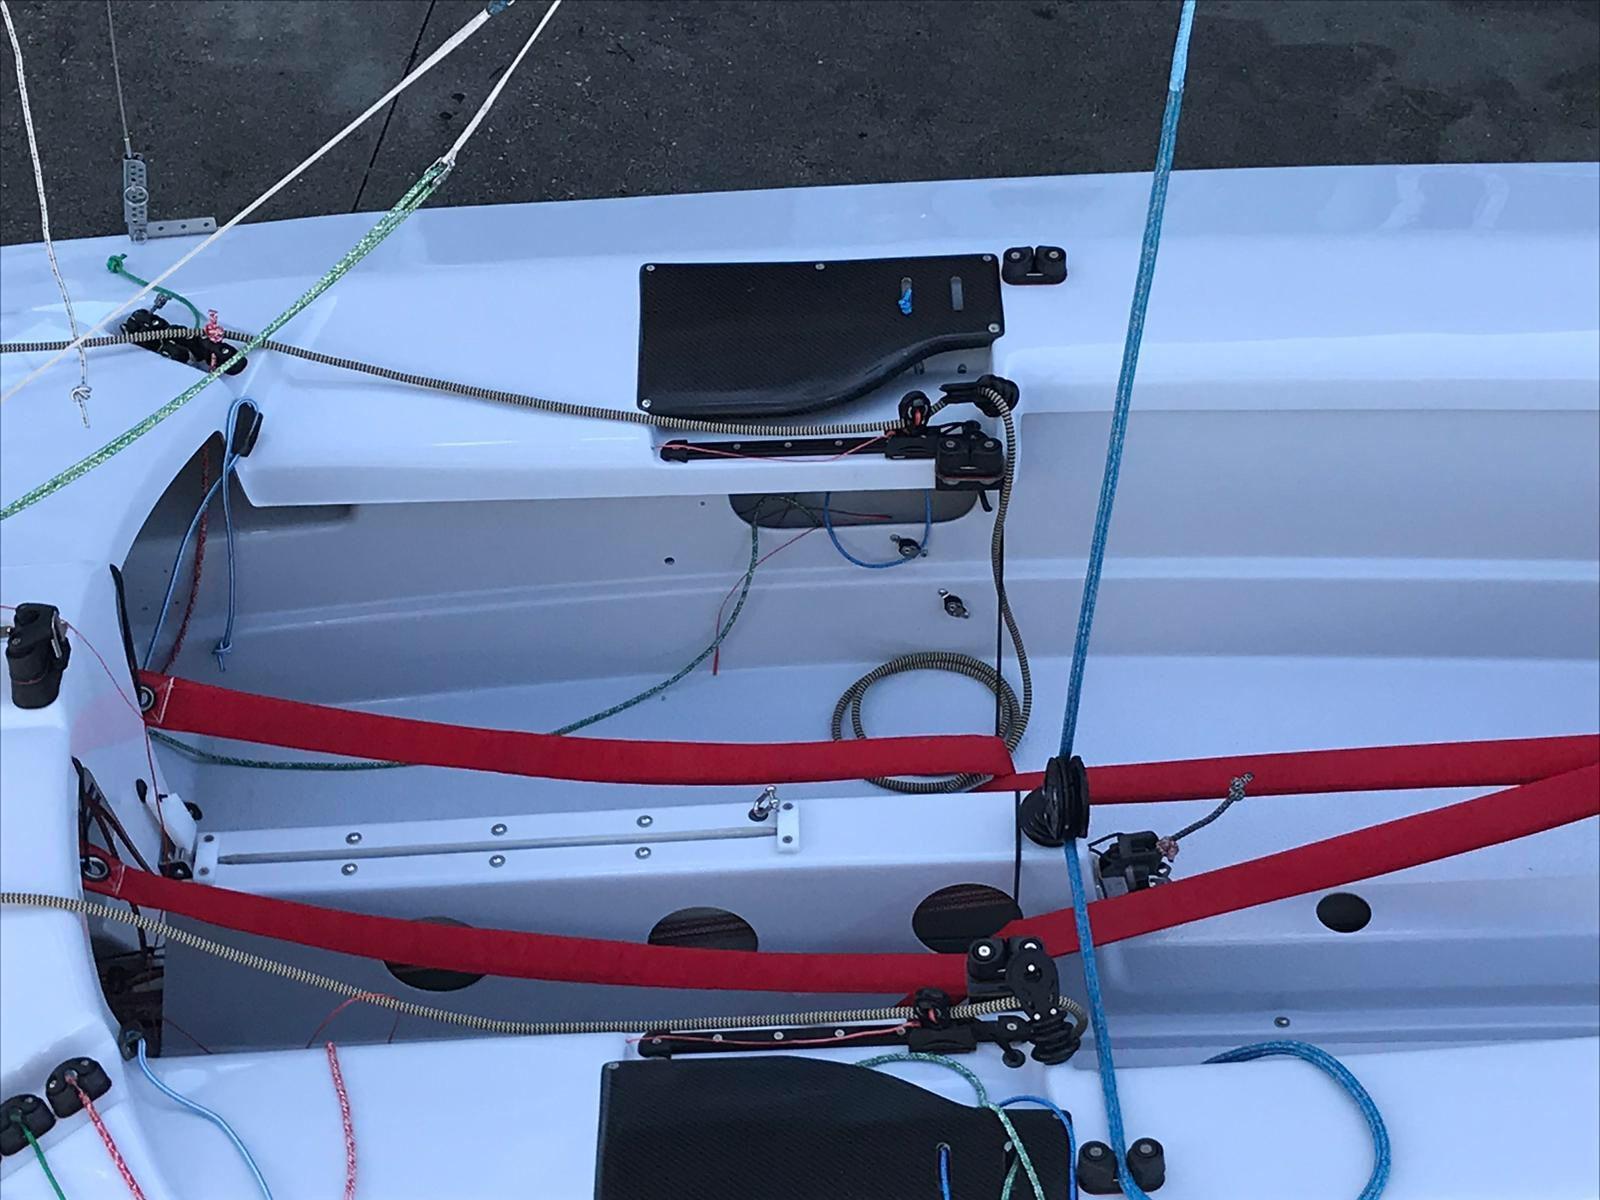 imágenes del Astillero Zeltic y de snipes fabricados por ellos en diferentes competiciones.